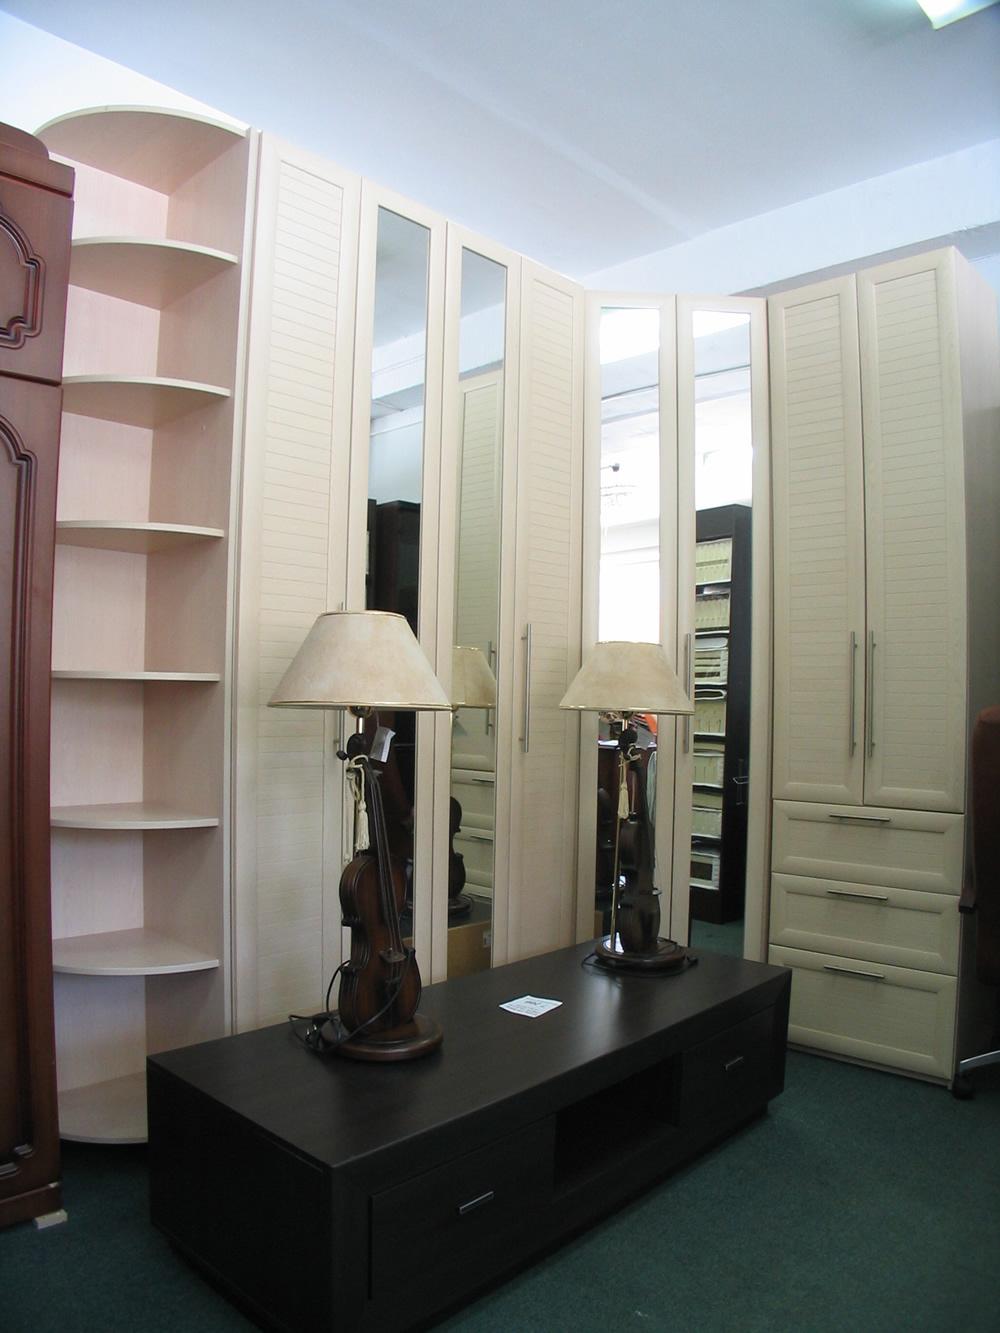 Мебельная фабрика артис официальный сайт отзывы